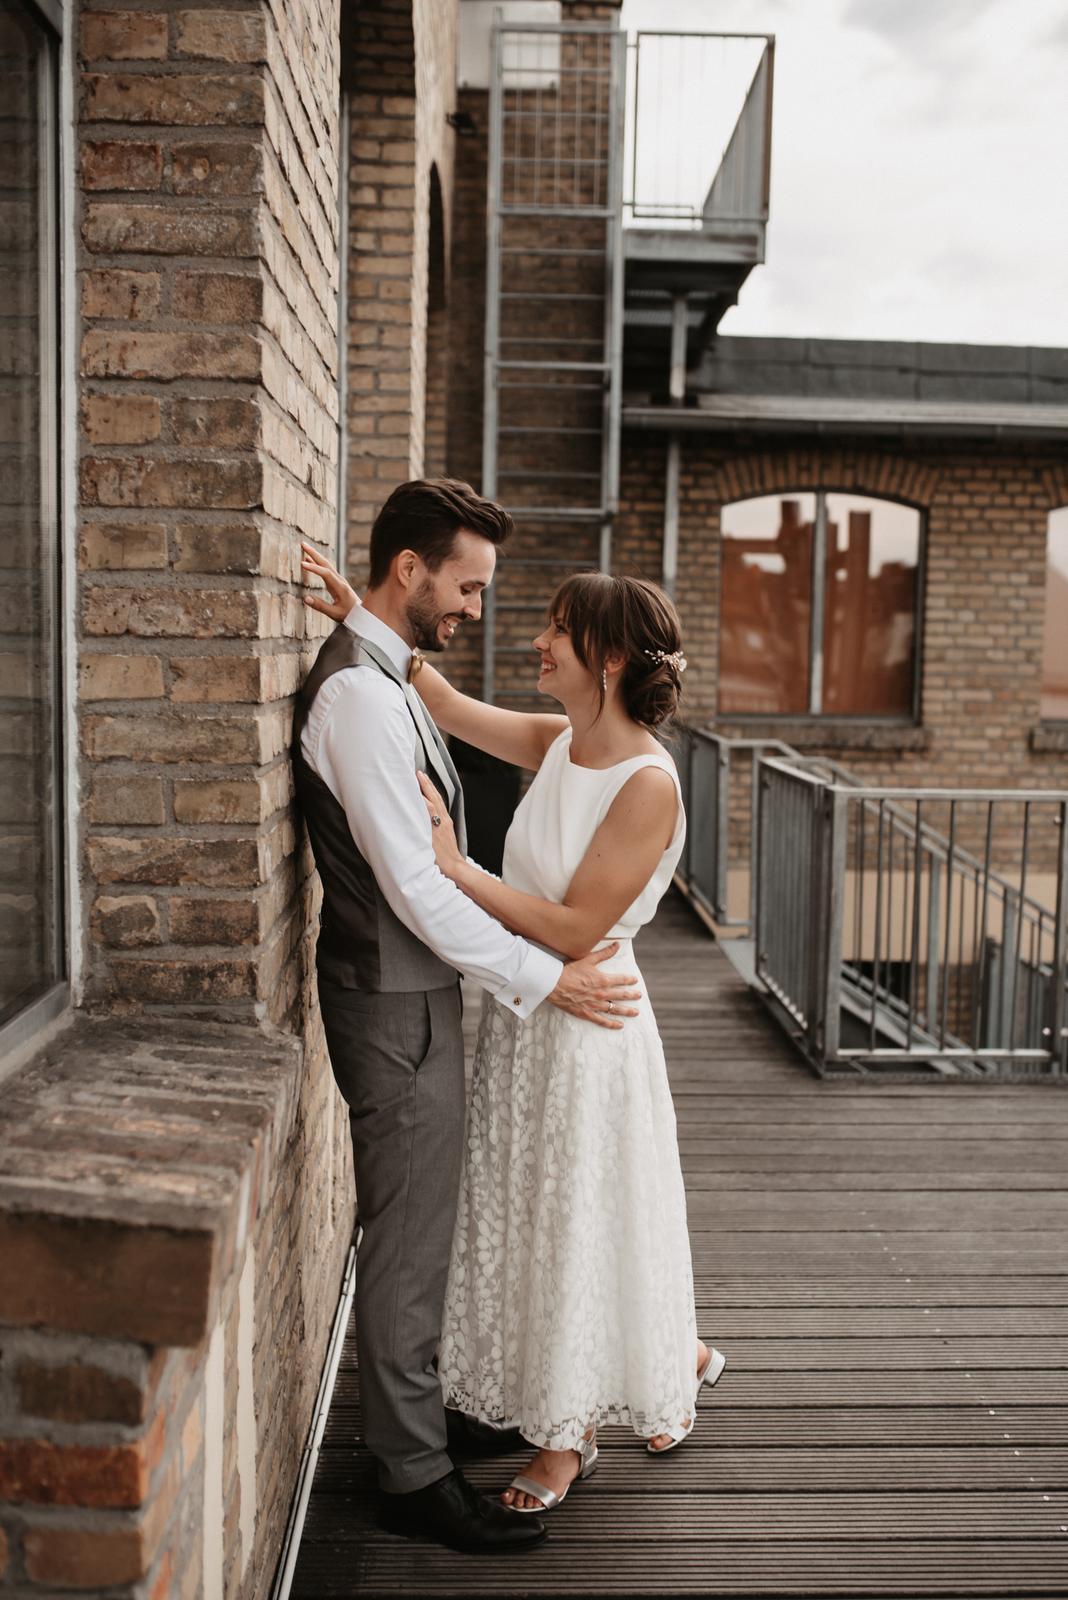 Brautpaar auf Balkon, lachend